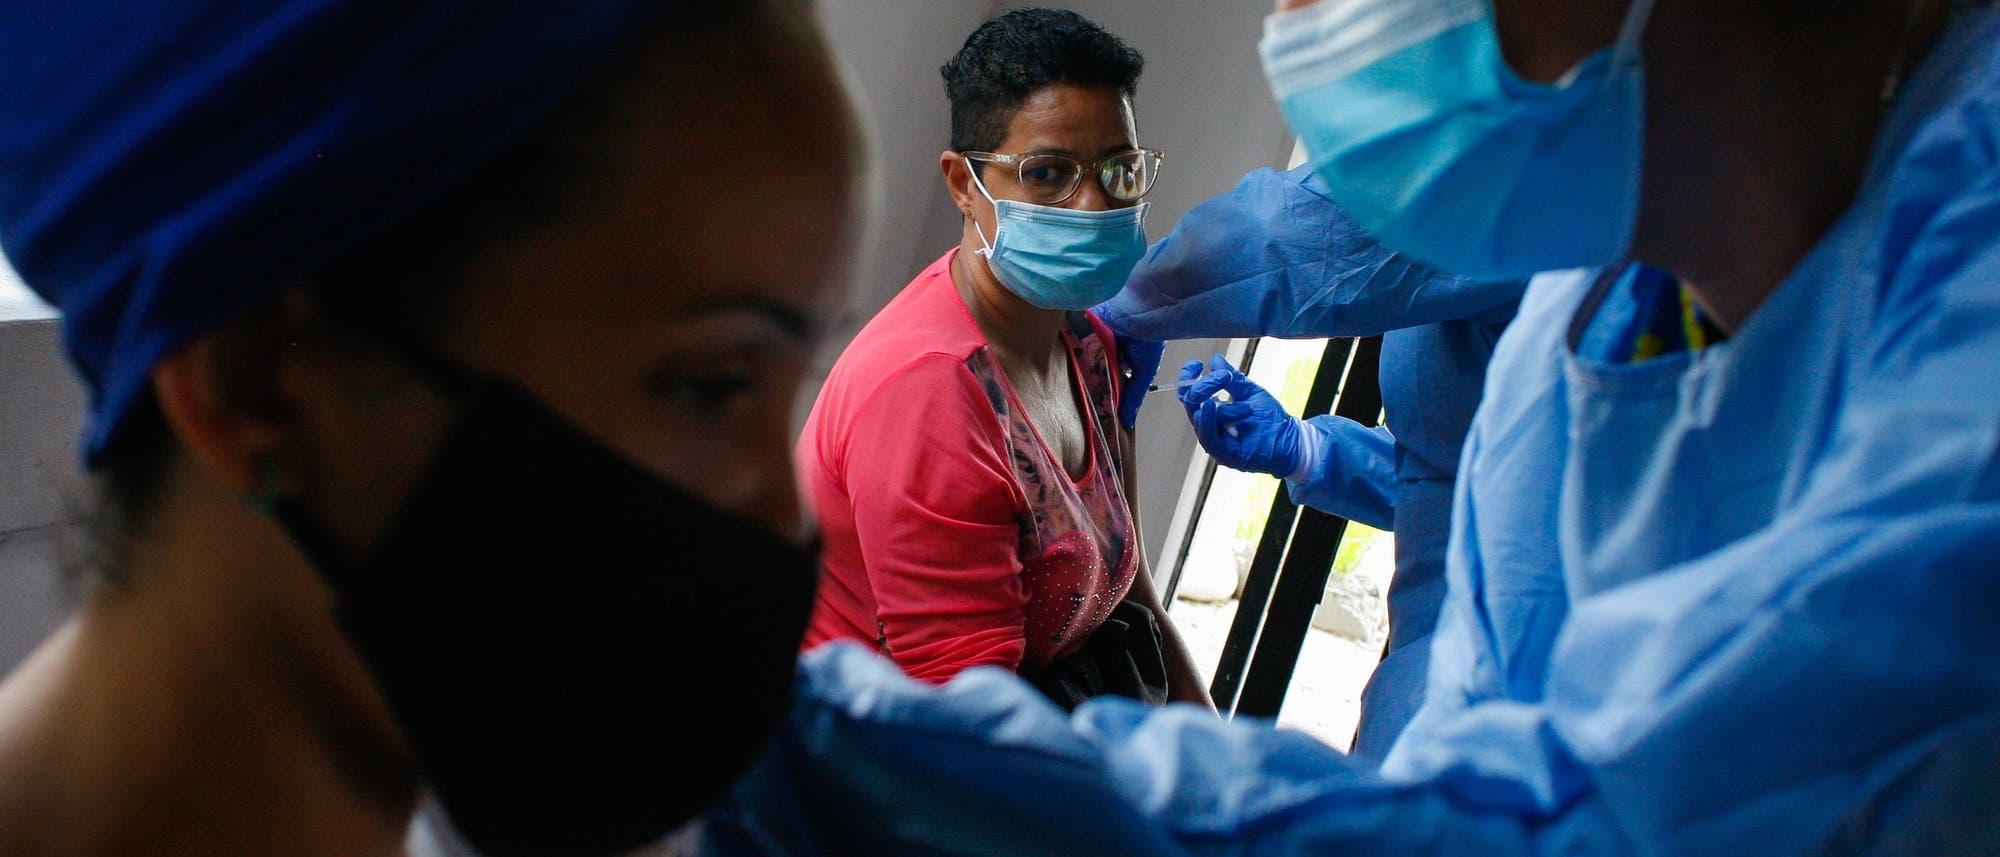 Eine Frau wird im Westen der Stadt Caracas, Venezuela, mit dem in China von Sinopharm hergestellten Präparat gegen Covid-19 geimpft.